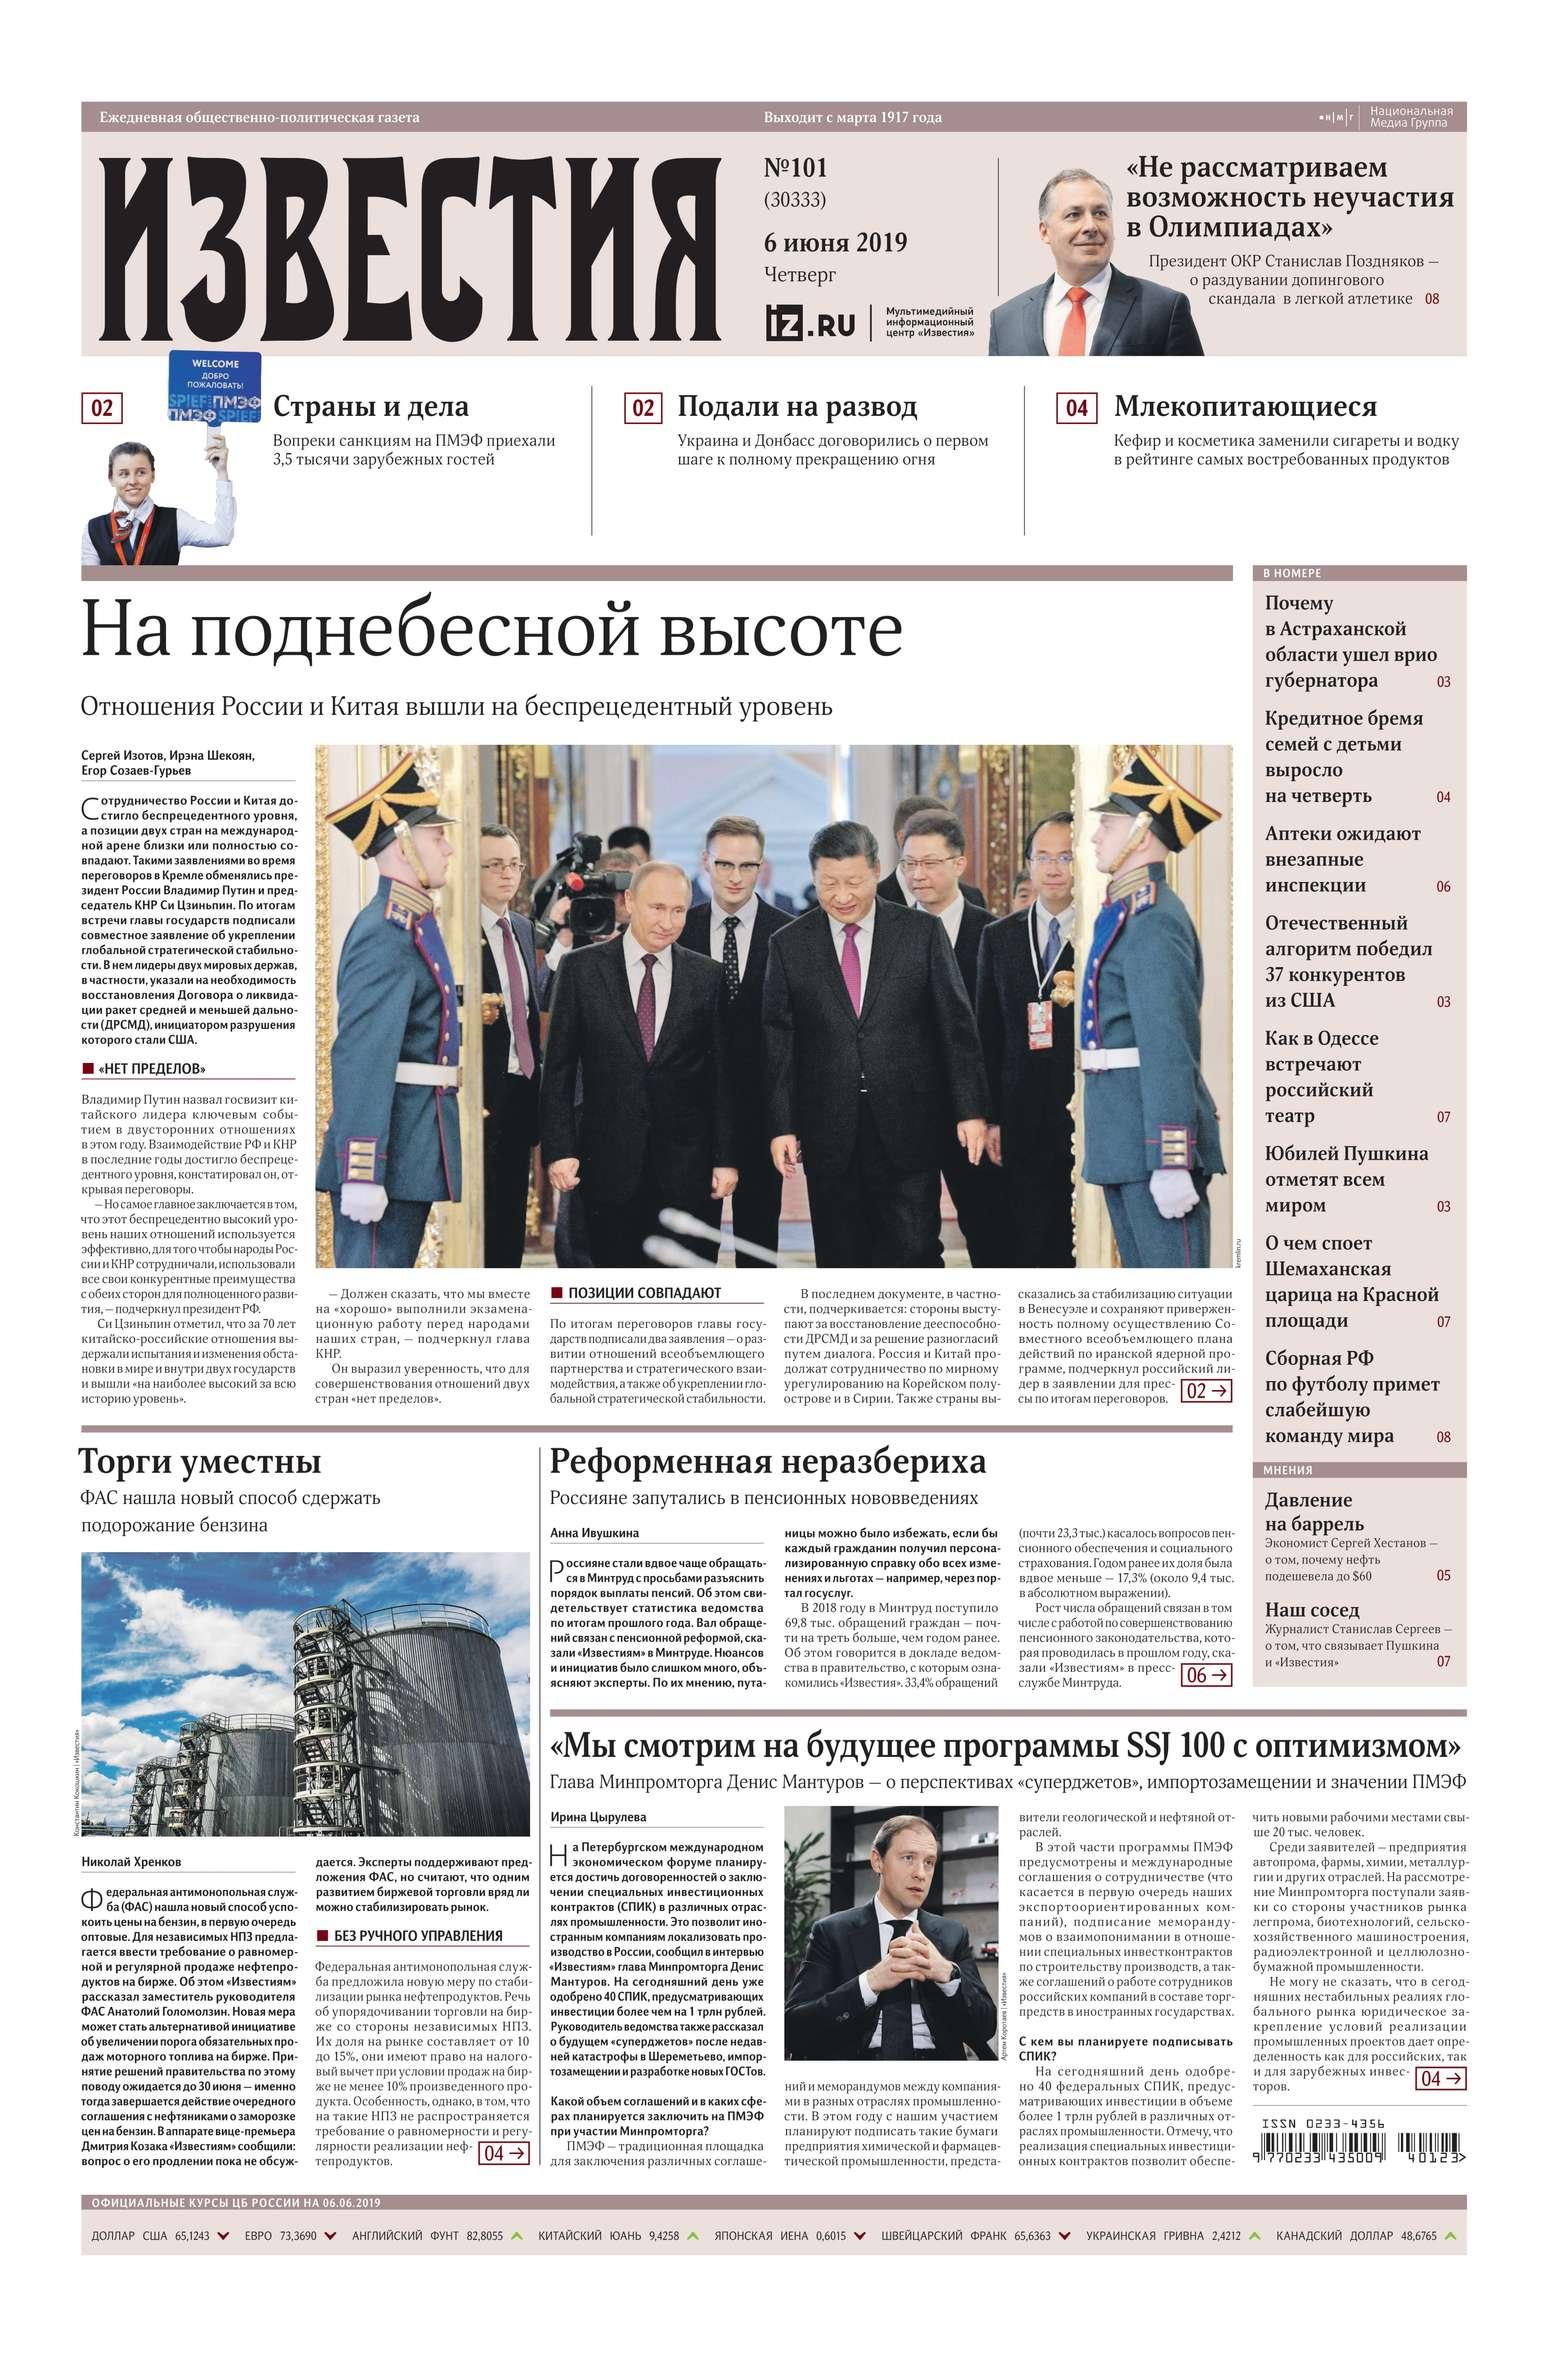 Известия 101-2019